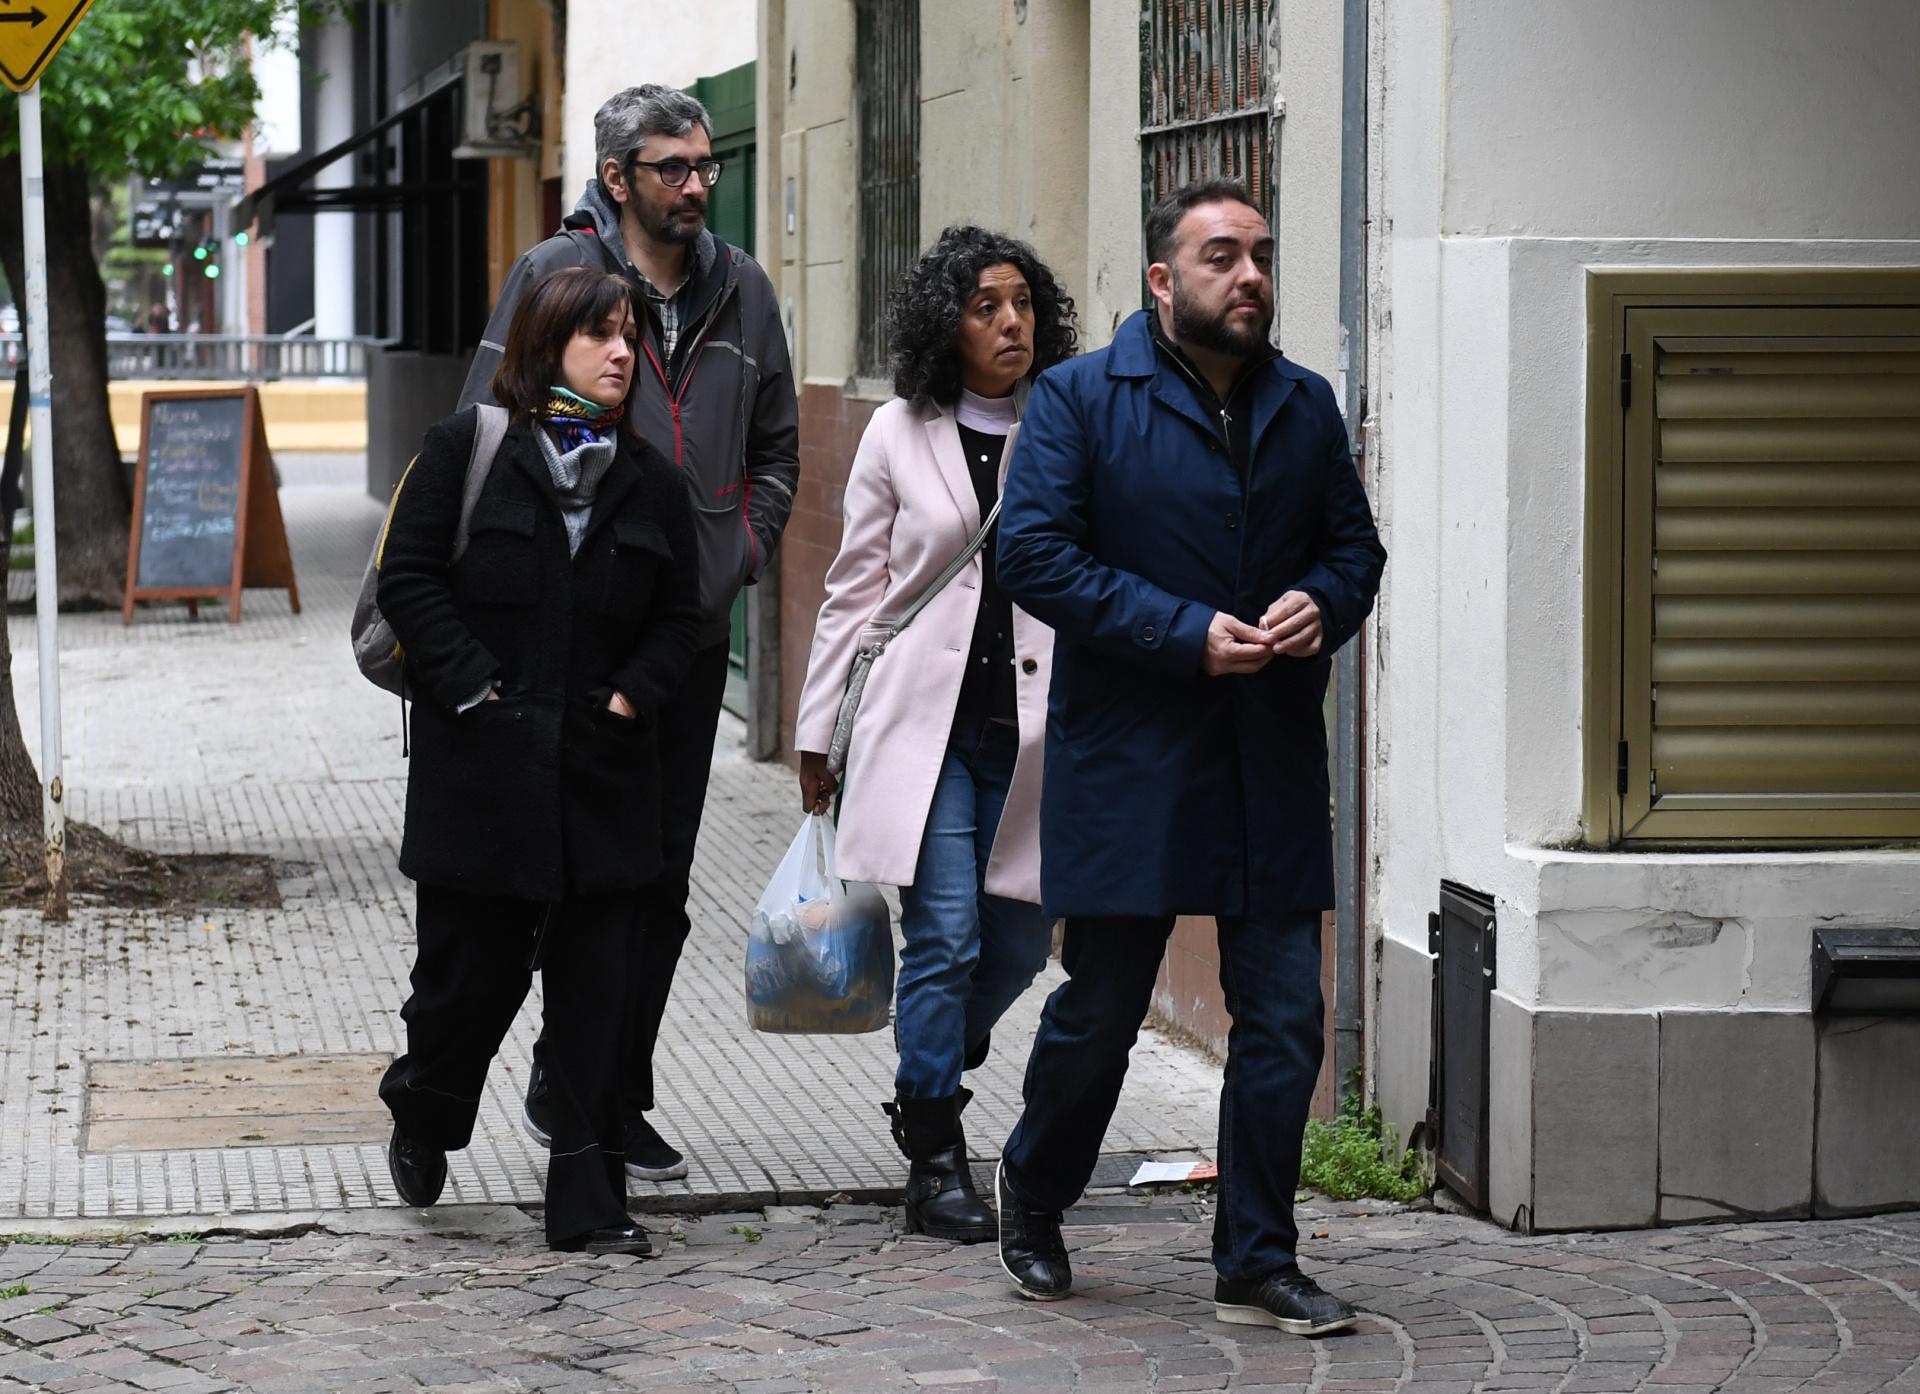 De campera gris el ex gerente de Radio del Plata y actual Director de Programación de Radio 10, Willy Bray, junto a compañeros